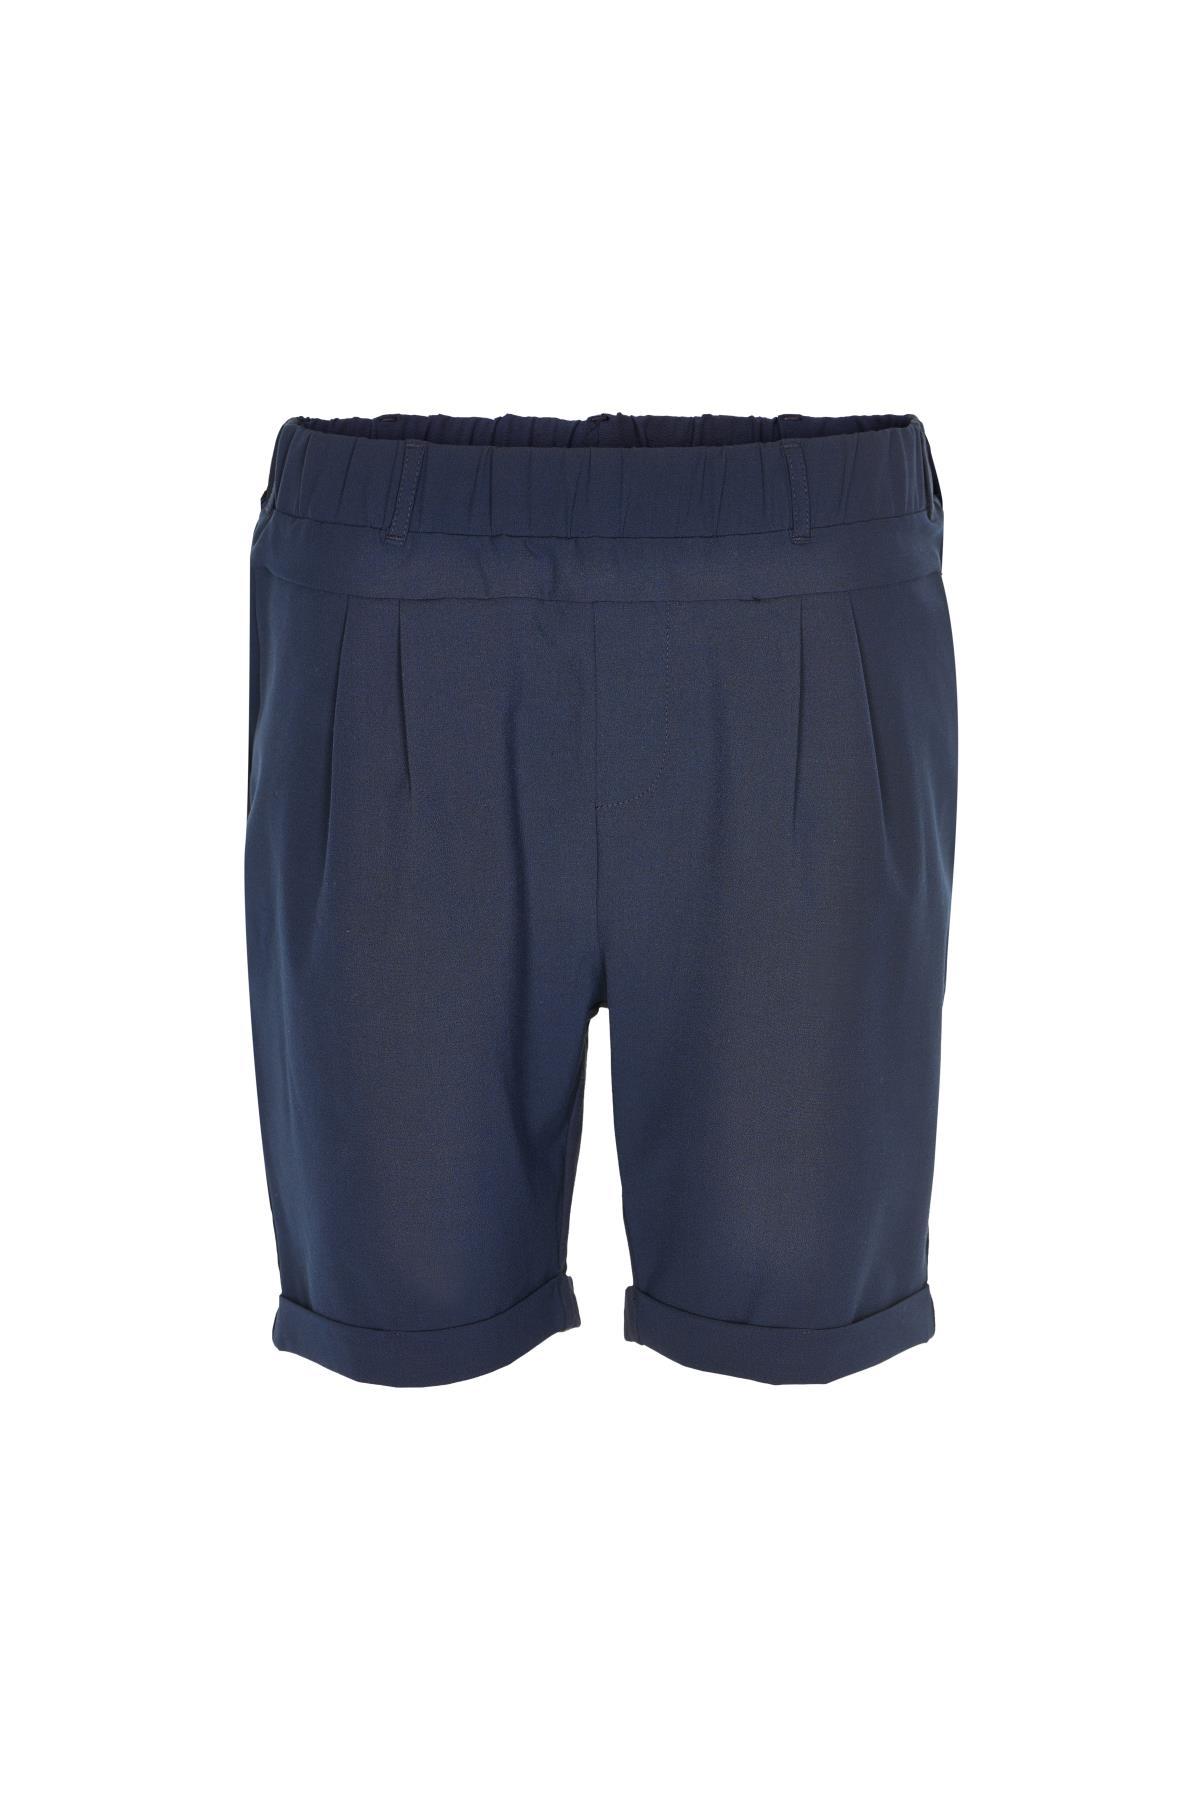 Marineblauw Short van Kaffe – Door Marineblauw Short van maat. 32-46 hier